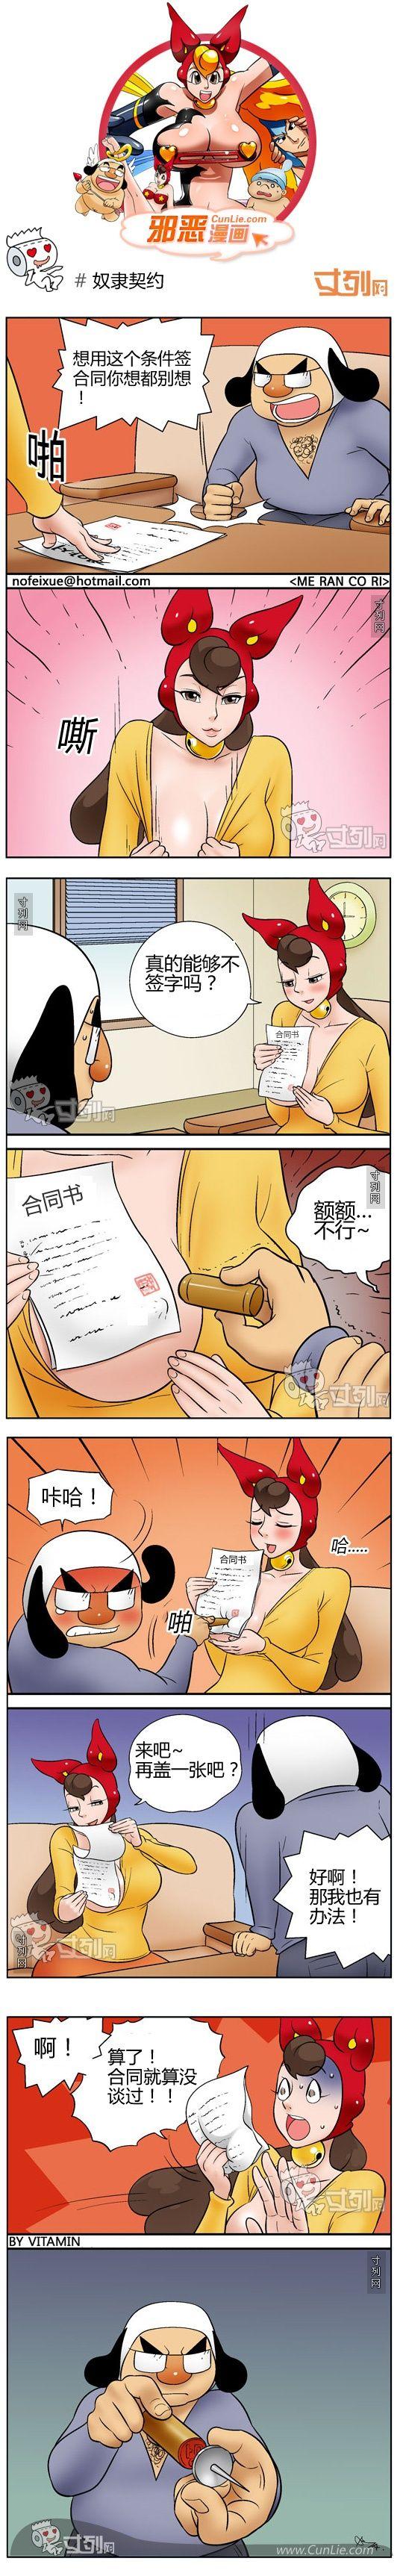 内涵邪恶漫画奴隶契约